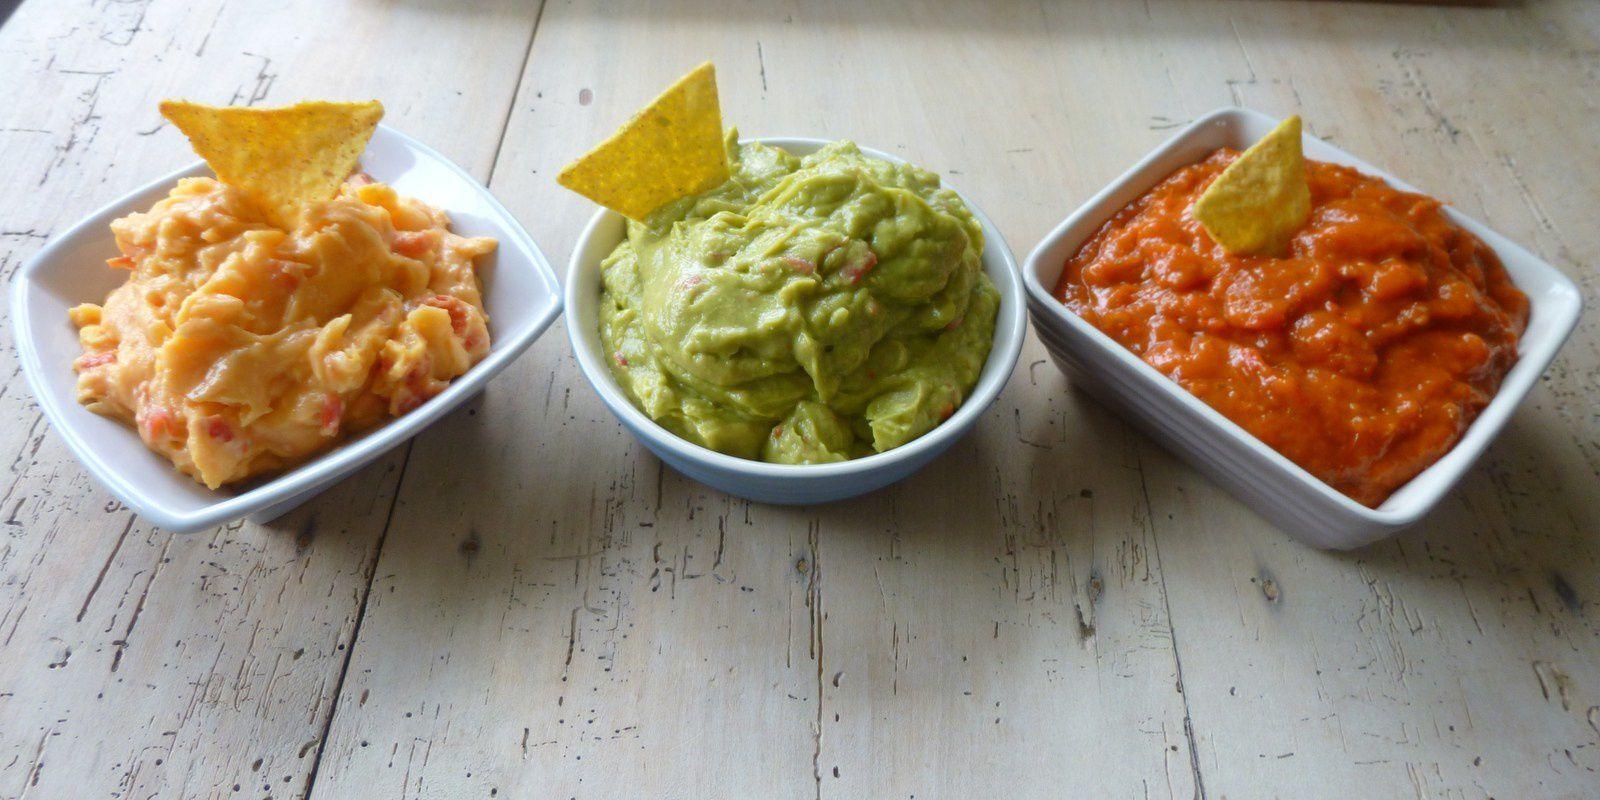 sauces pour tortillas chips